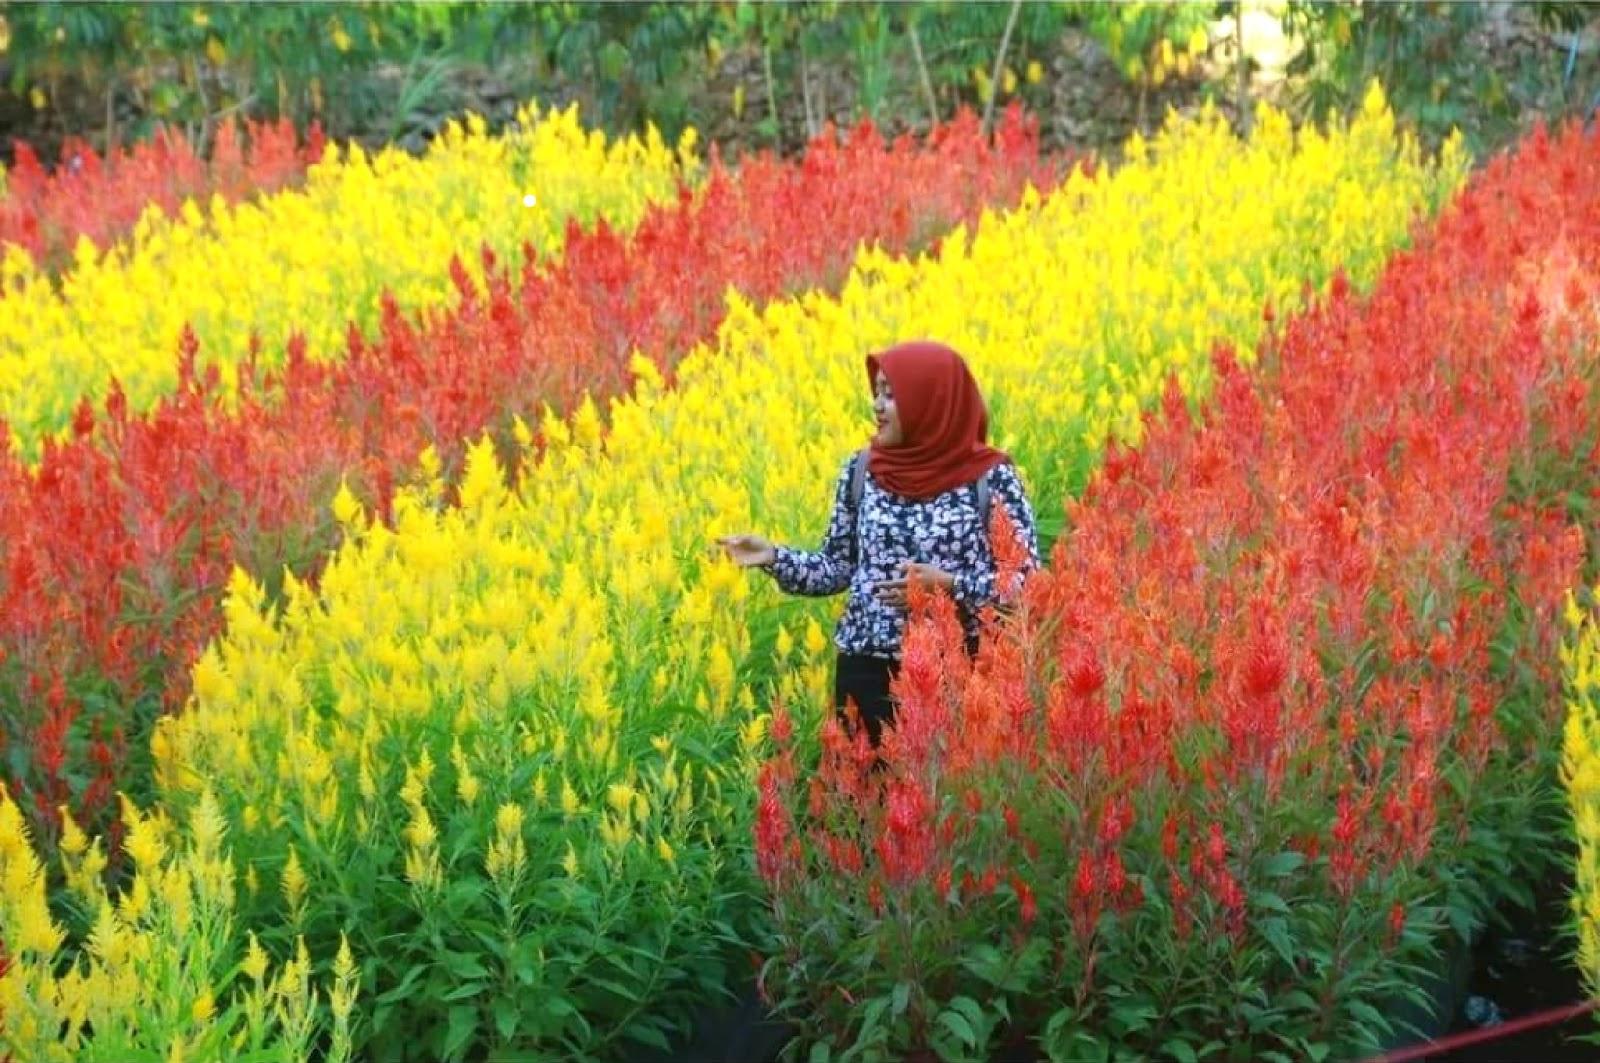 10 Gambar Taman Bunga Celosia Gunugkidul, Rute + Lokasi dan Penginapan Terdekat